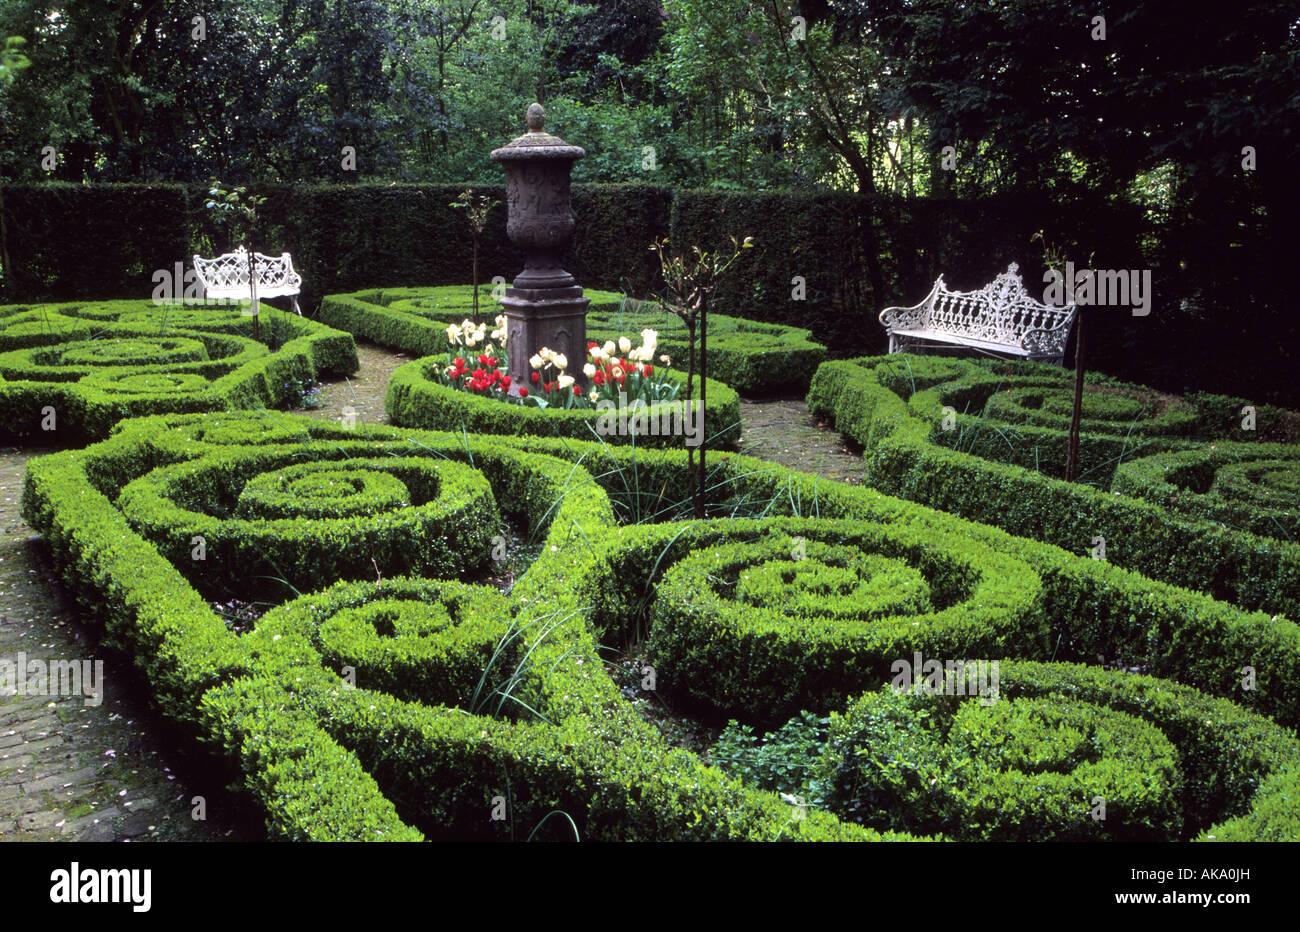 Aarsveld Holland Knoten Garten Im Frühjahr Boxwood Hecken